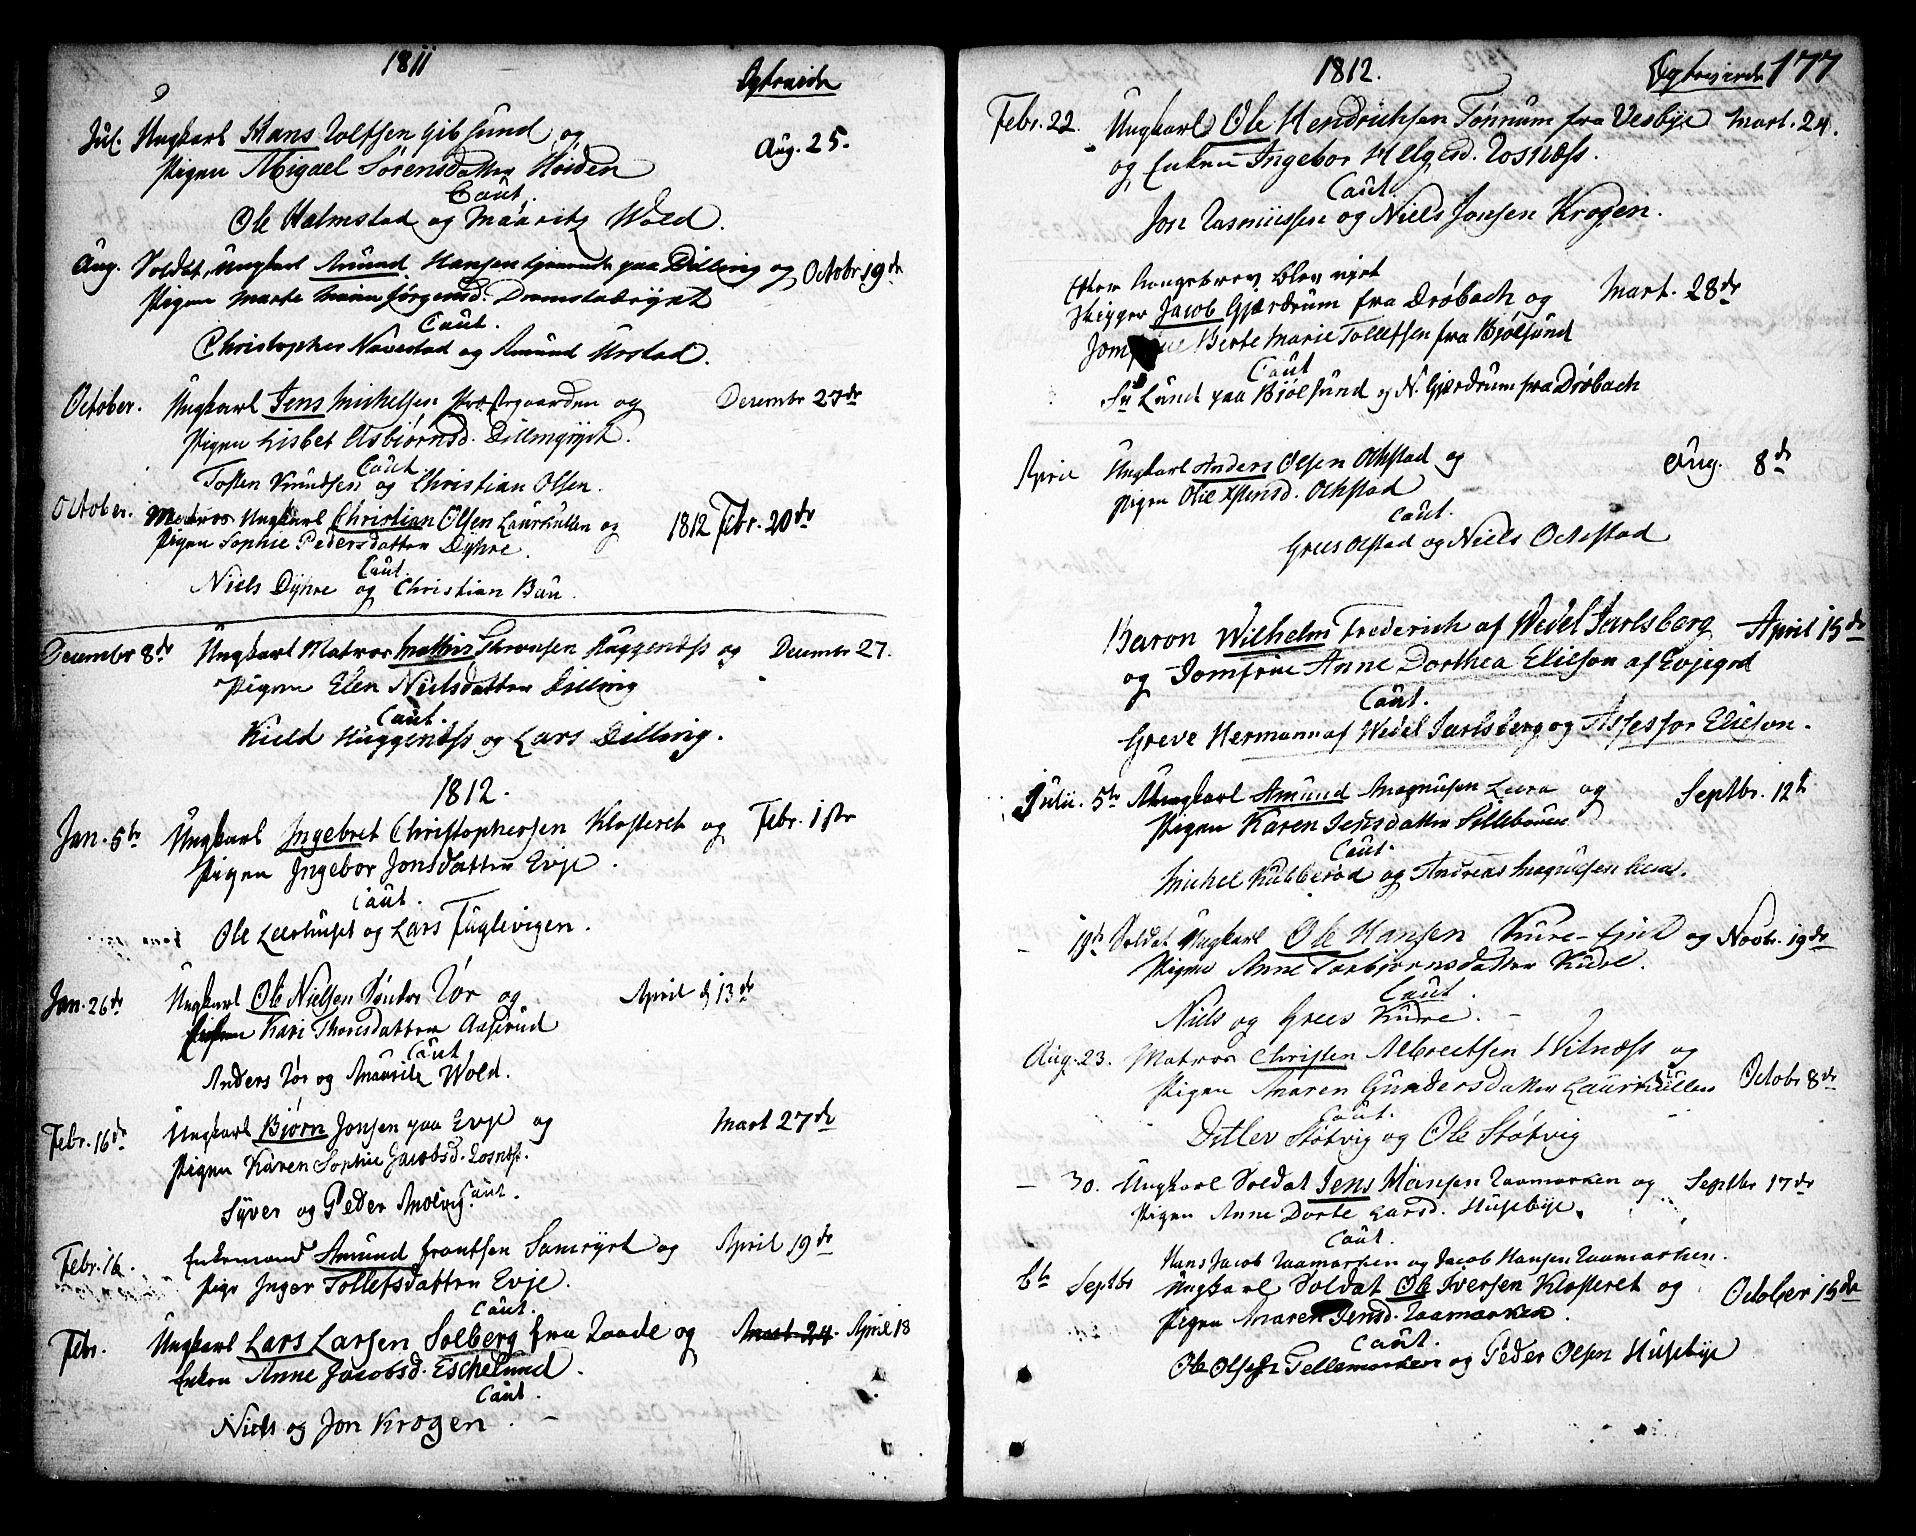 SAO, Rygge prestekontor Kirkebøker, F/Fa/L0002: Ministerialbok nr. 2, 1771-1814, s. 177